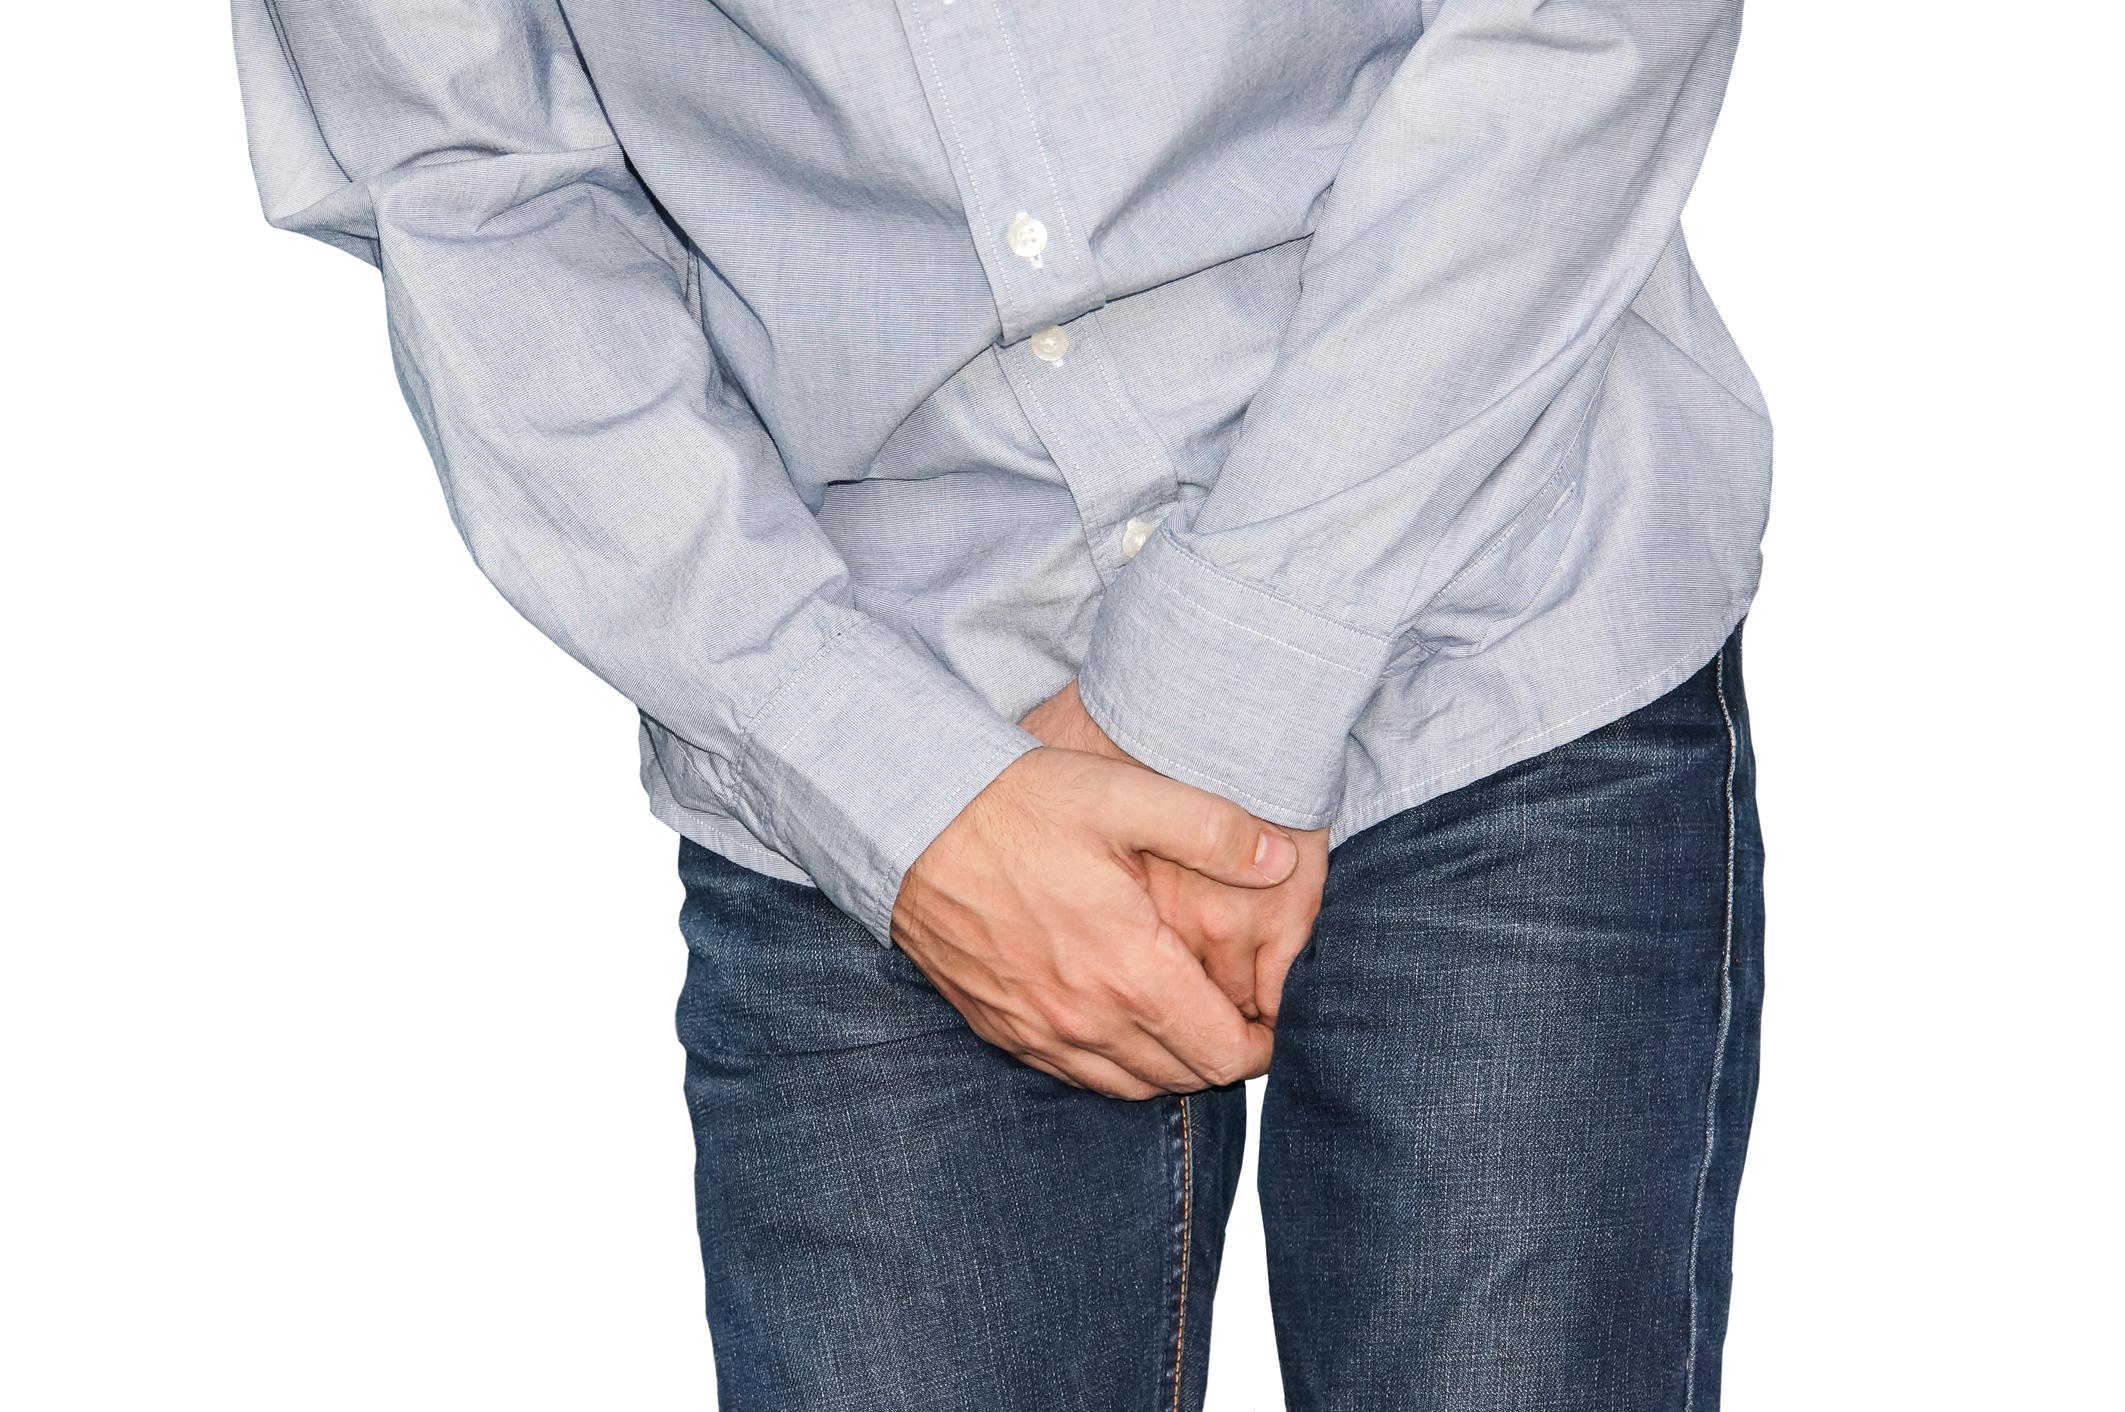 Makk alatti fehér pontok, fájdalom - 17 éves fiú